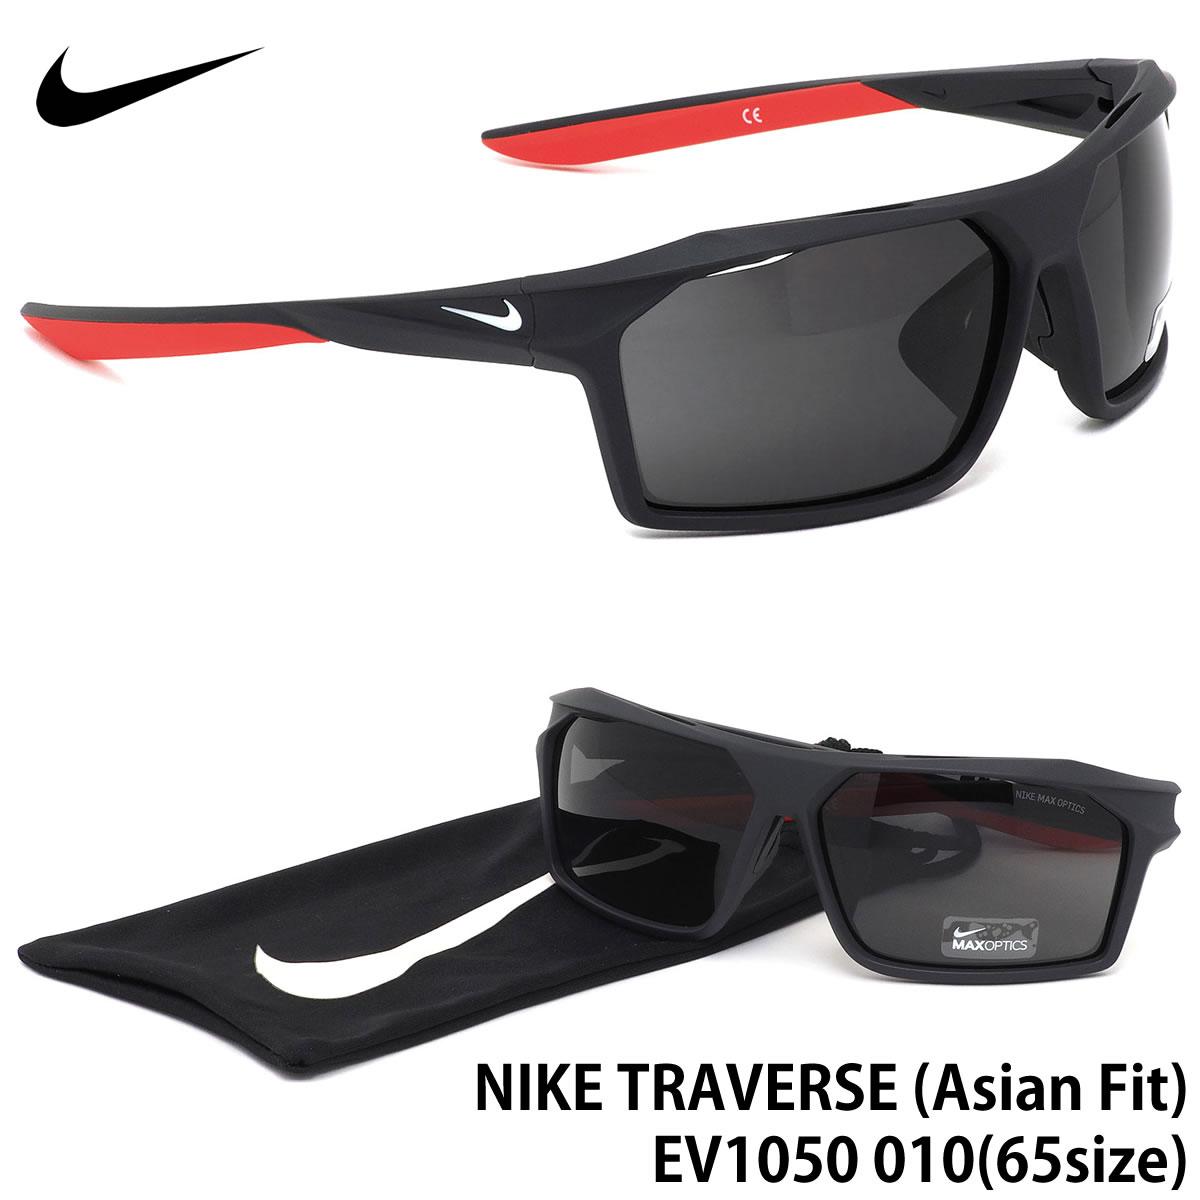 ほぼ全品20%~最大57%ポイントバック ナイキ NIKE サングラスEV1050 010 65サイズTRAVERSE AF トラヴァース アジアンフィット Asian Fit アジアフィット ナイキ NIKE メンズ レディース